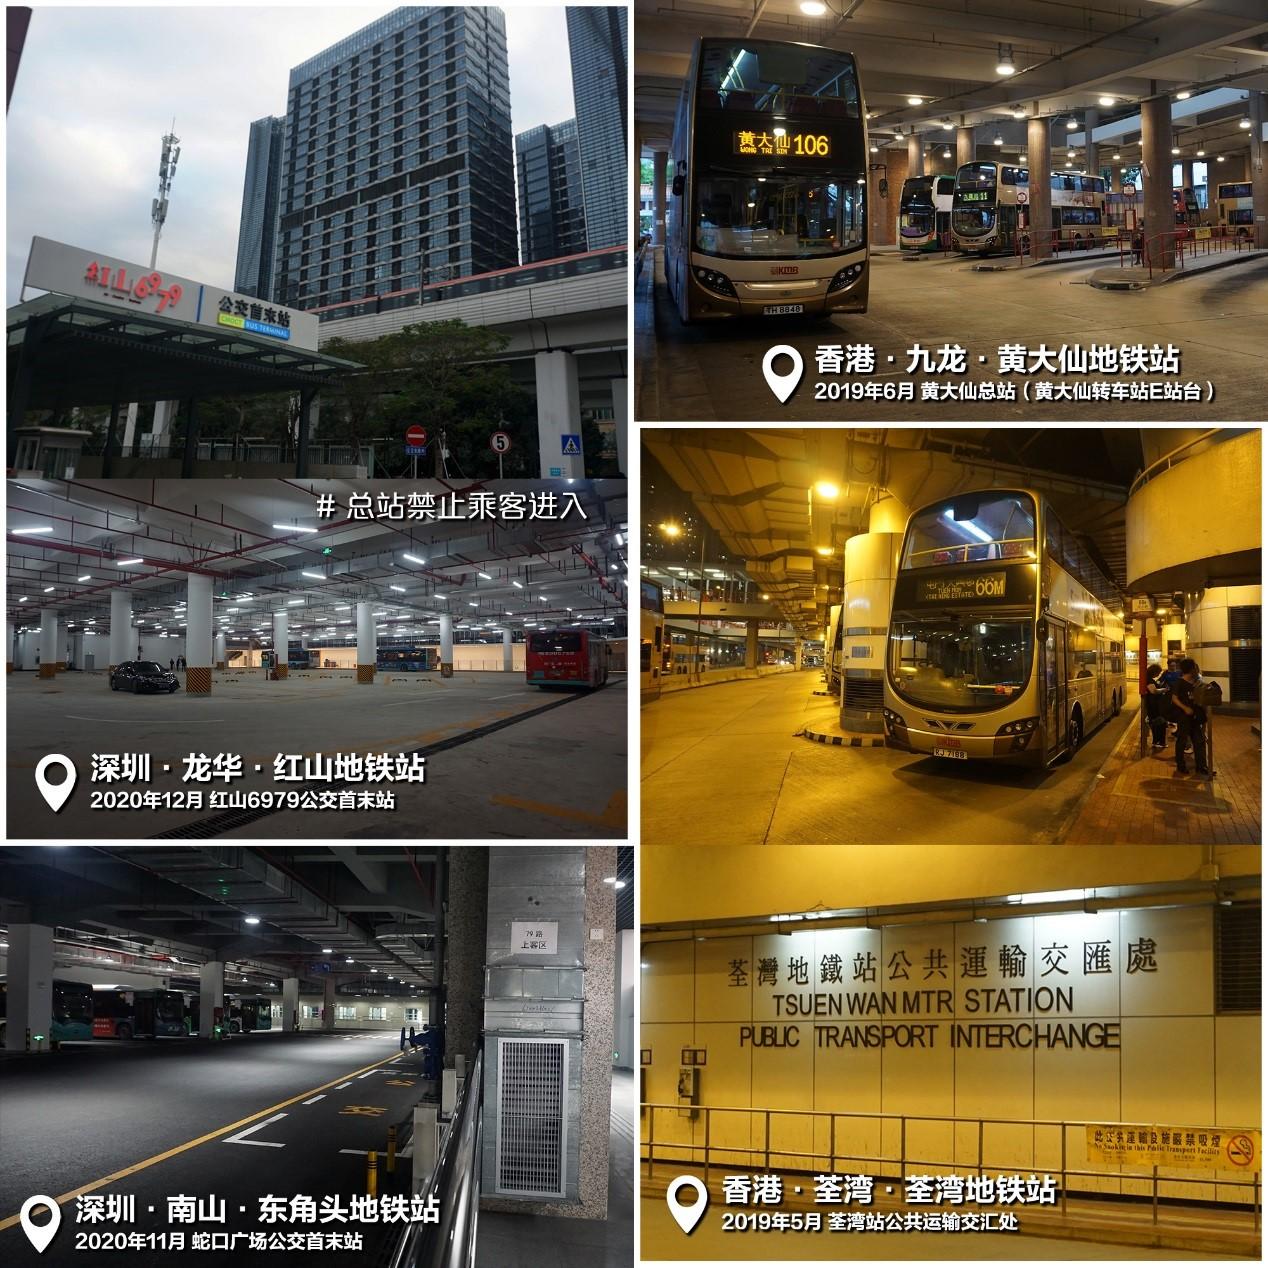 """不让乘客进入的地下室,如何服务地铁客流换乘,如何完成""""三网融合""""的重大使命呢?香港黄大仙总站建在斜板多层停车场的挑高地面层。可注意布置在上空中庭内的平行式站台,以及深港两地照明色温的明显差异。"""